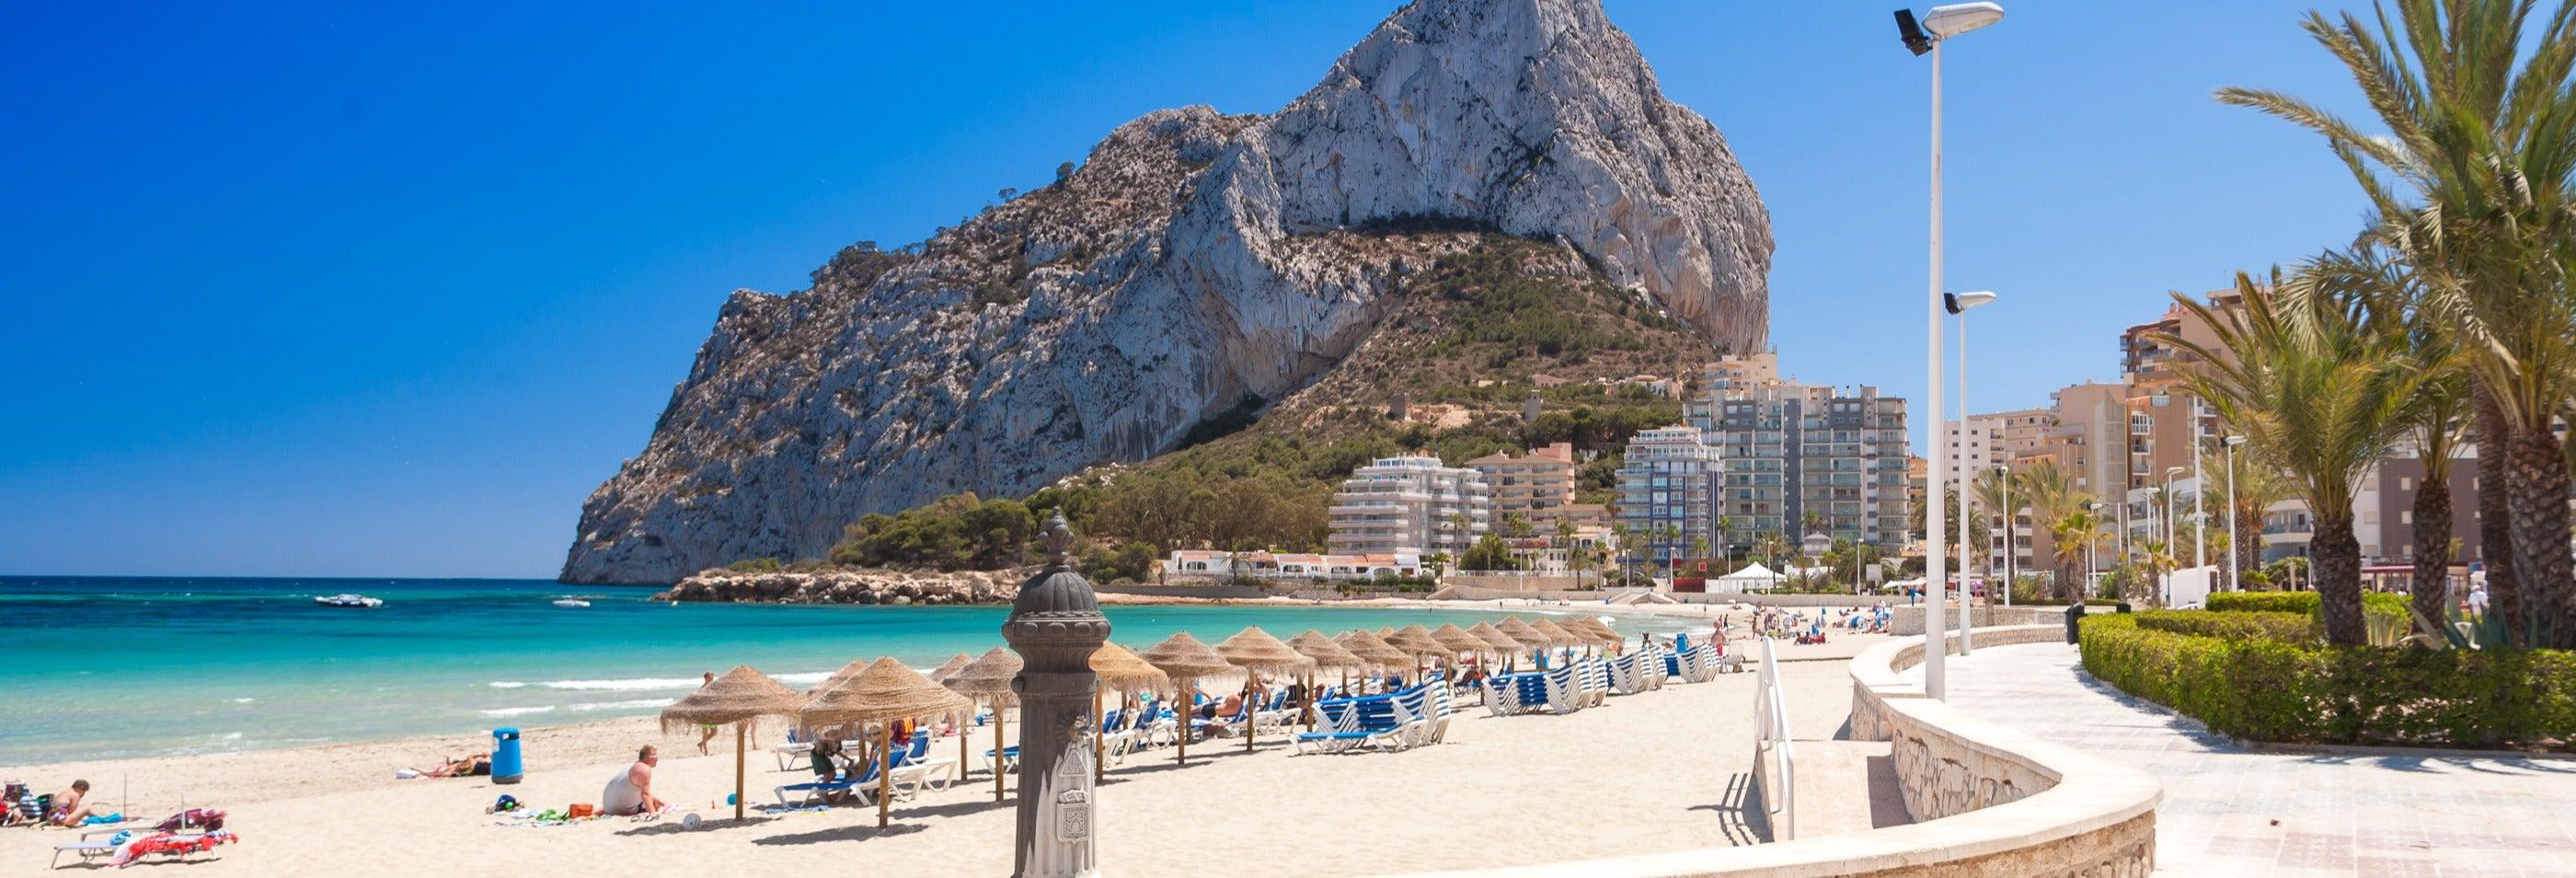 Giro in catamarano a Calp